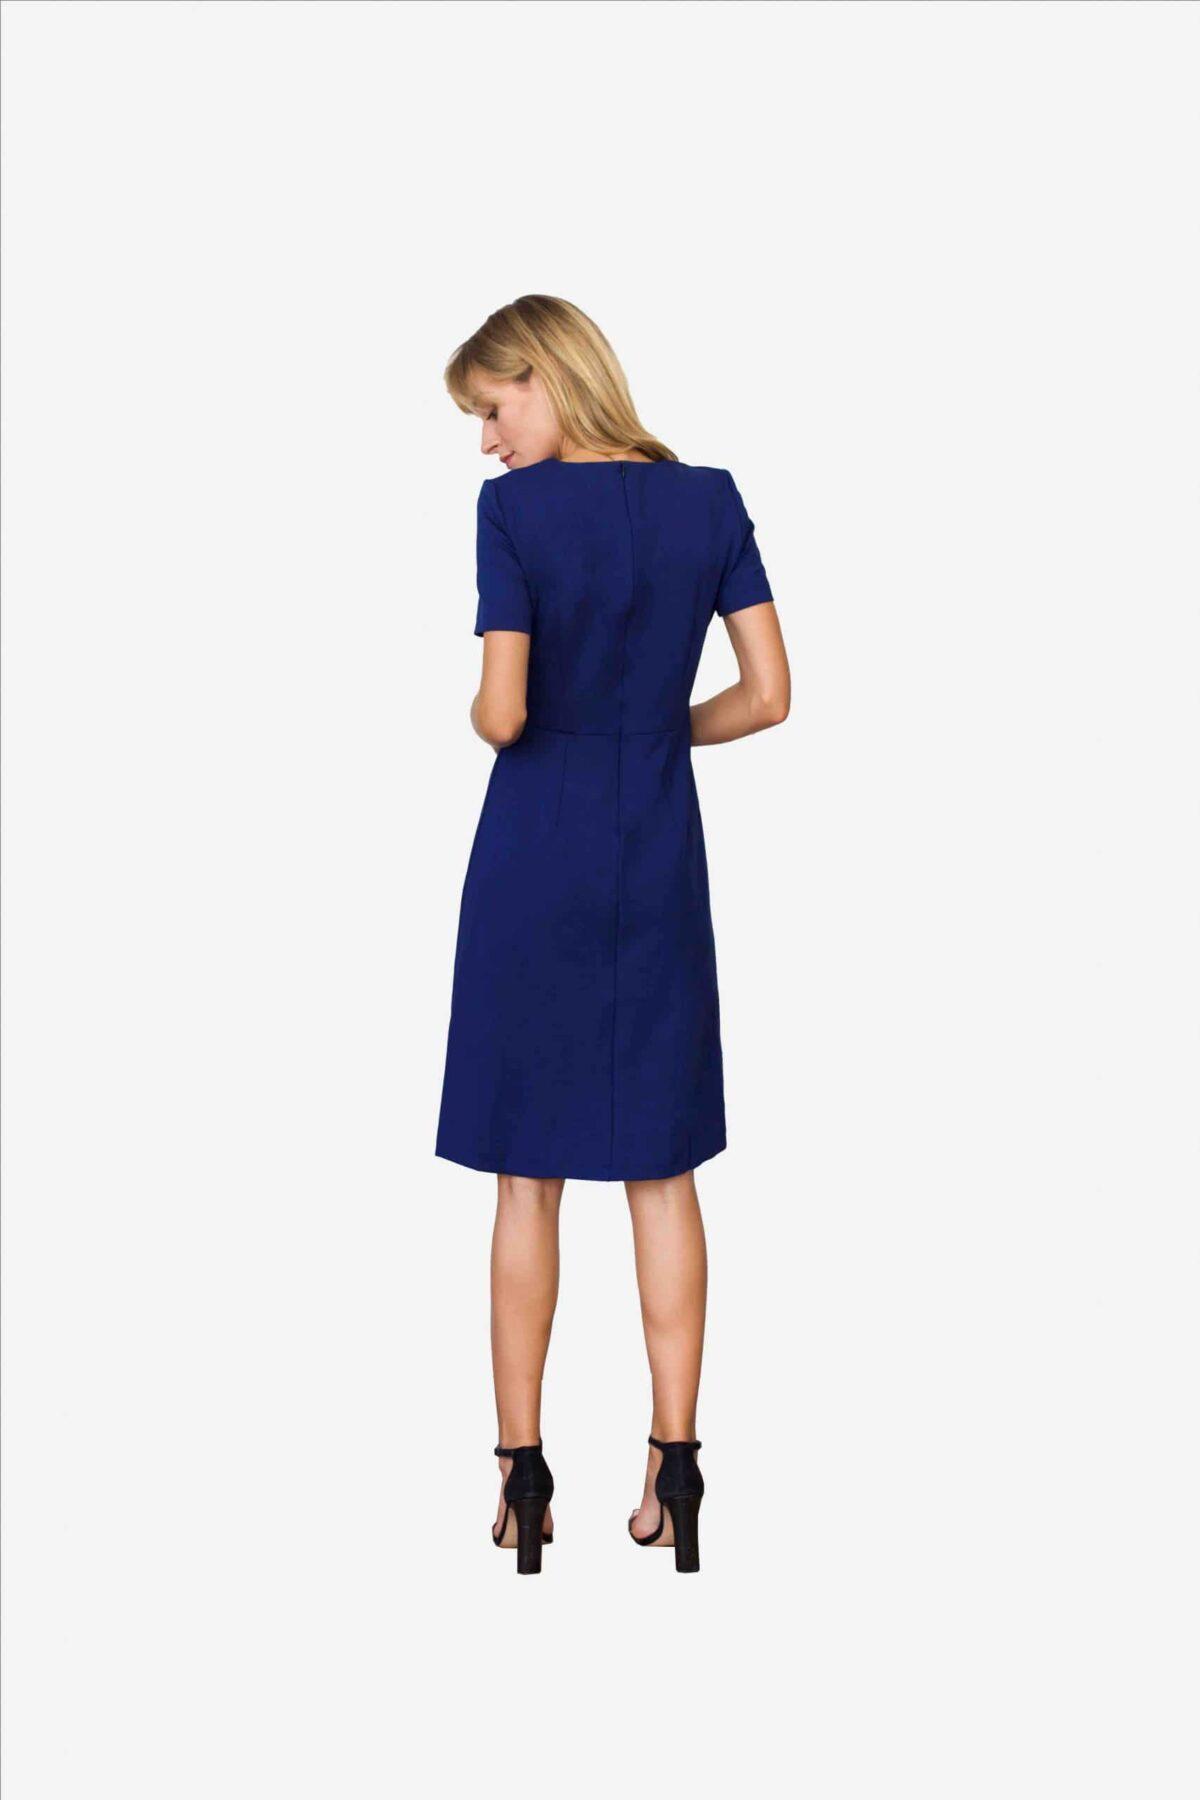 Elegantes Kleid in einer businesstauglichen Variante der Farbe Royalblau - ein echter Eyecatcher